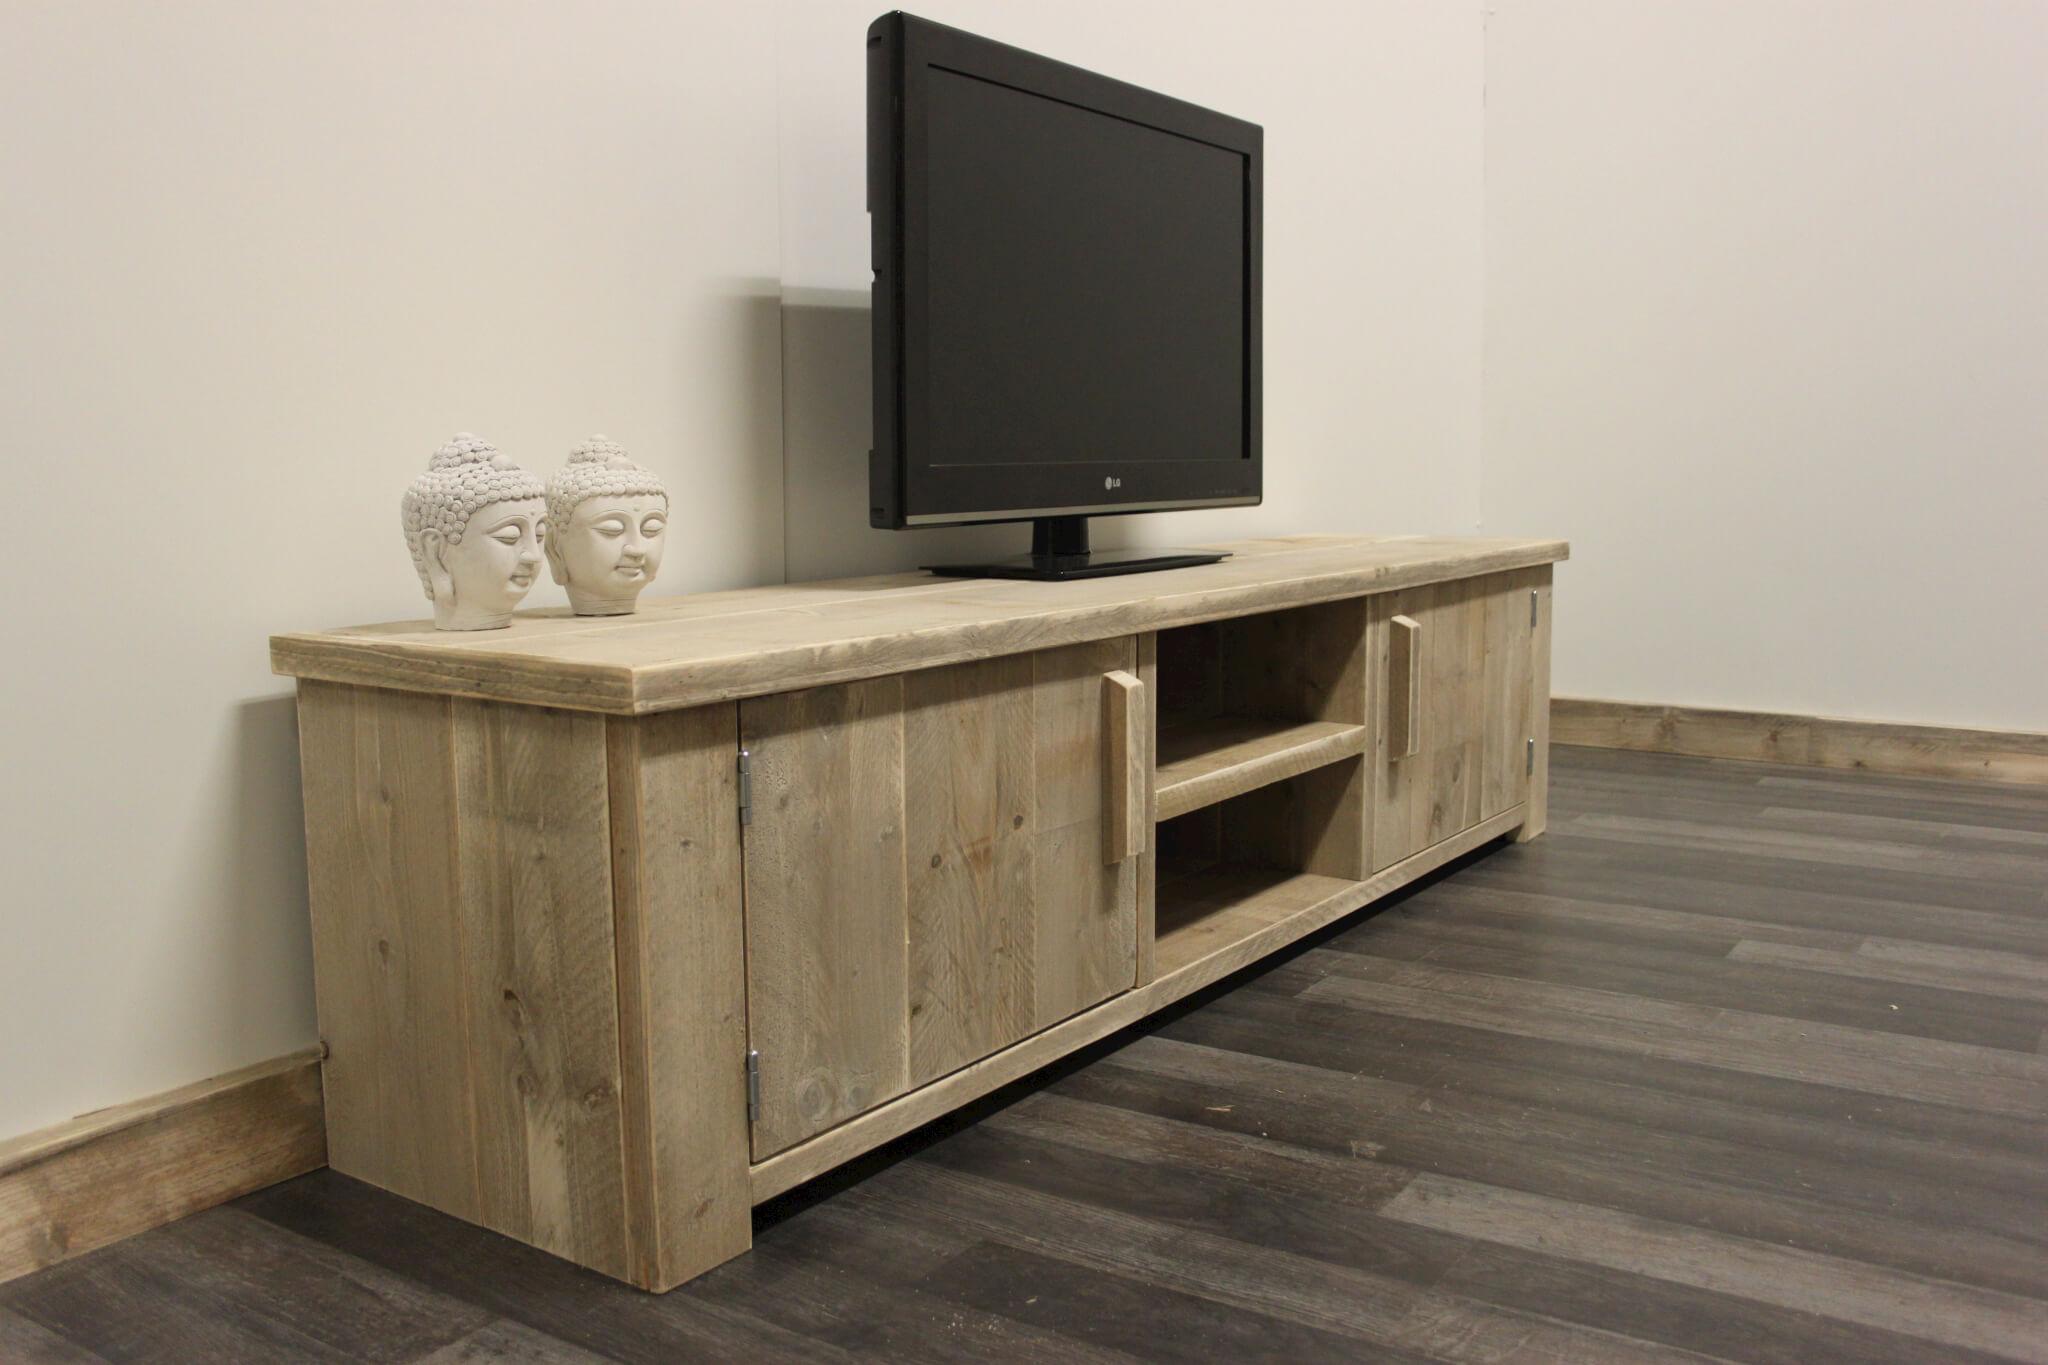 Aanbevolen 3929 modern teak tv meubel afbeelding foto beste voorbeelden afbeeldingen - Foto badkamer meubels ...